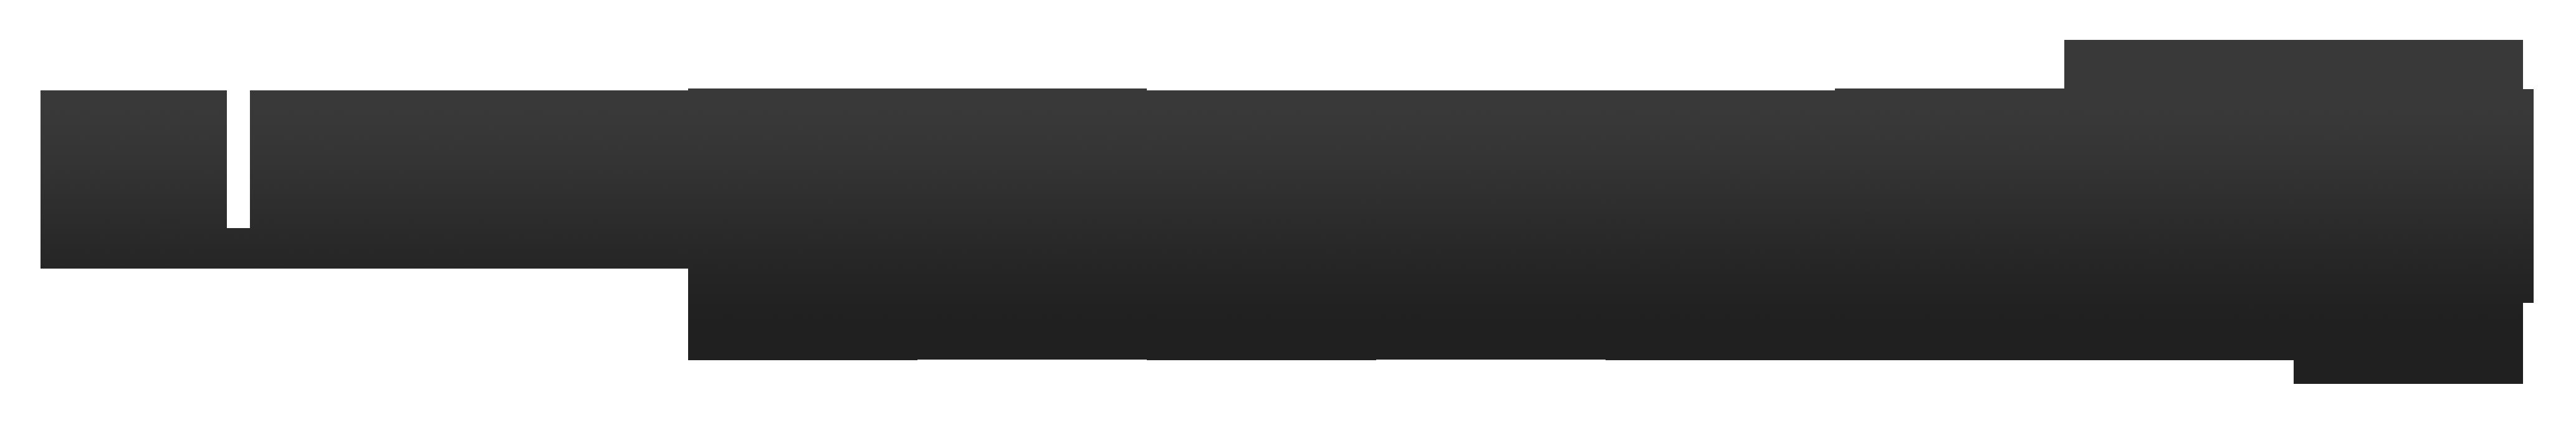 Logo de Fangames oscuro